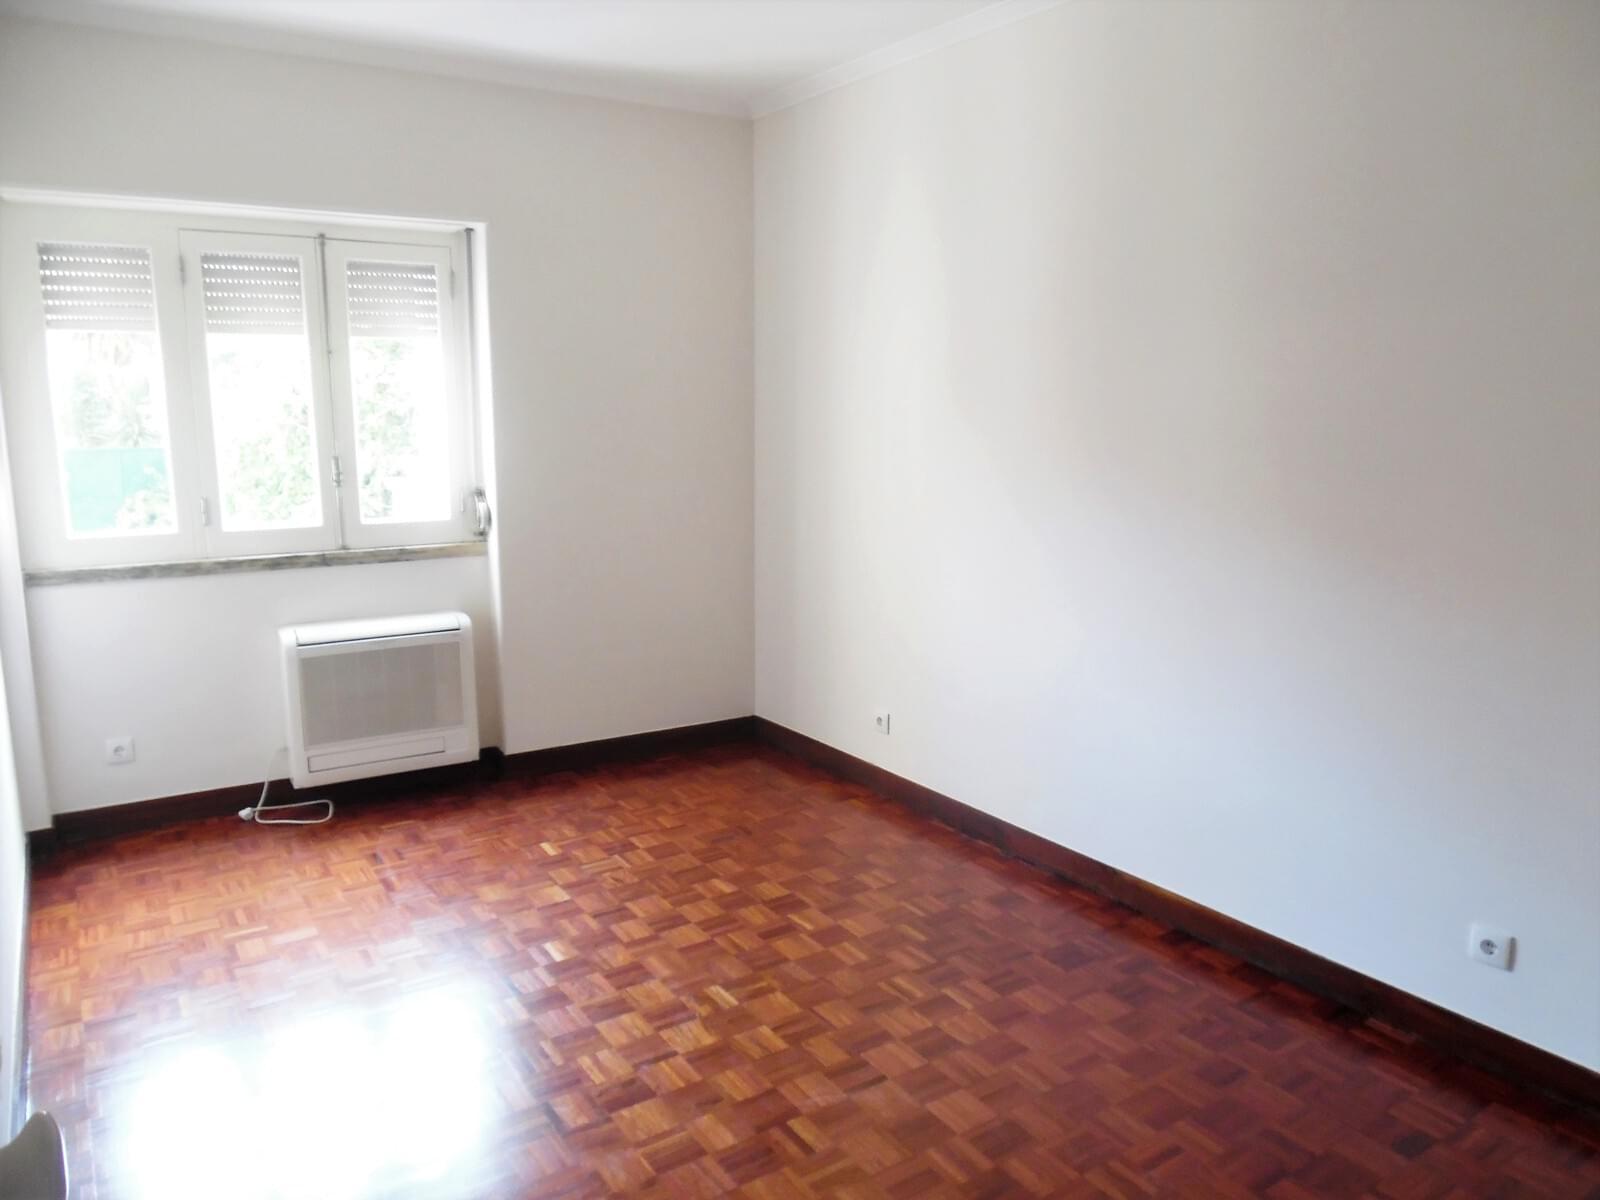 pf17621-apartamento-t4-lisboa-4dc185f6-2848-4cf6-bddc-a833fc85edf4